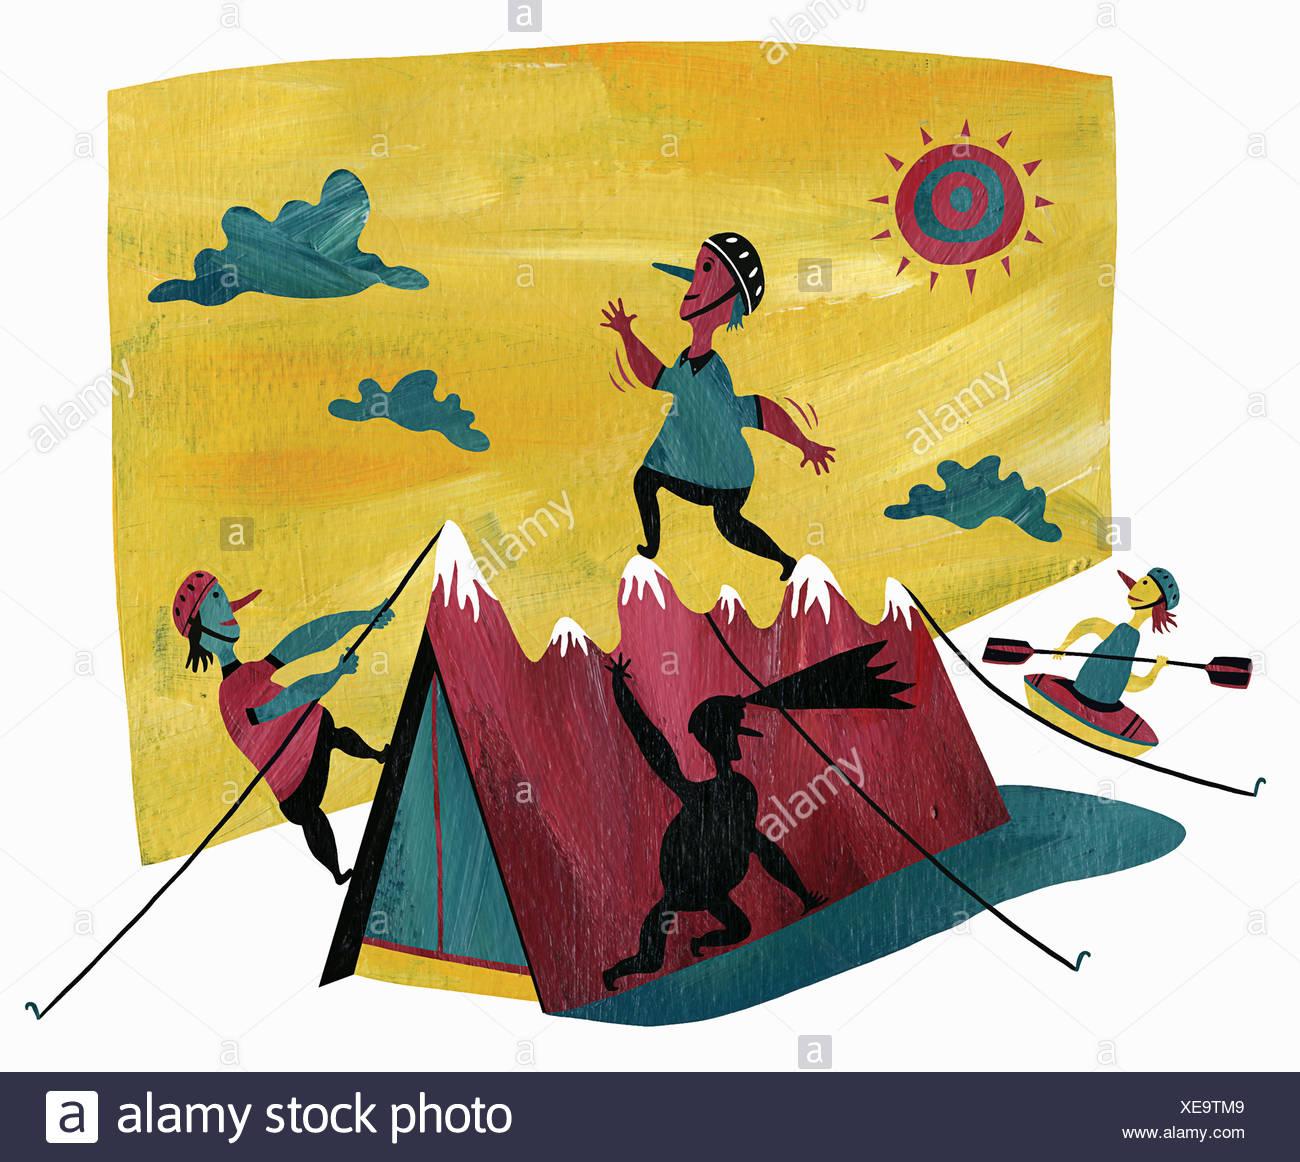 Gente disfrutar de diversas actividades al aire libre Imagen De Stock